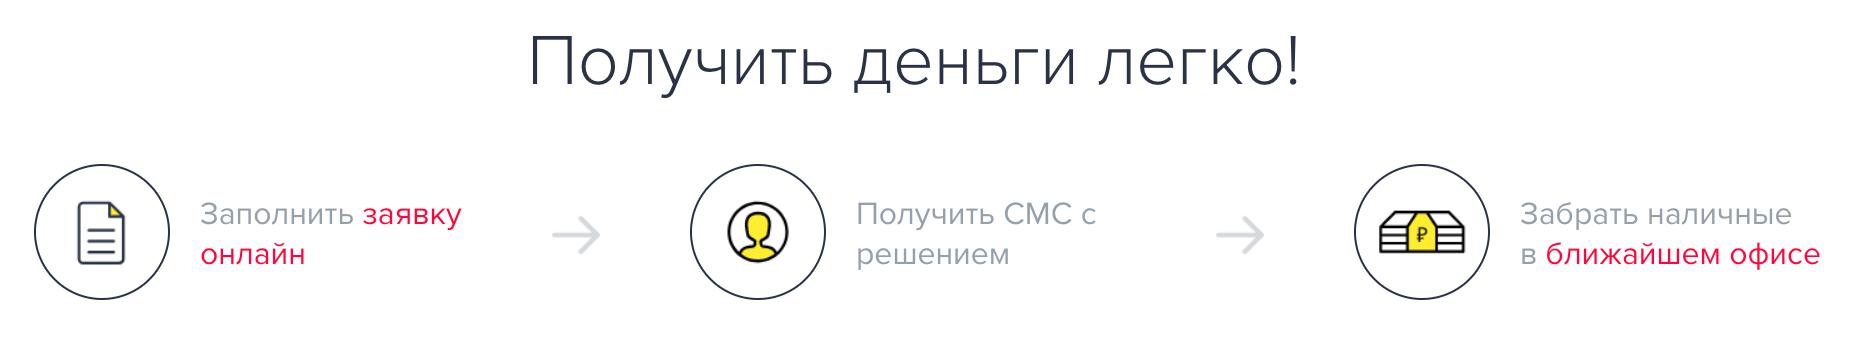 Центрофинанс: регистрация и вход в личный кабинет